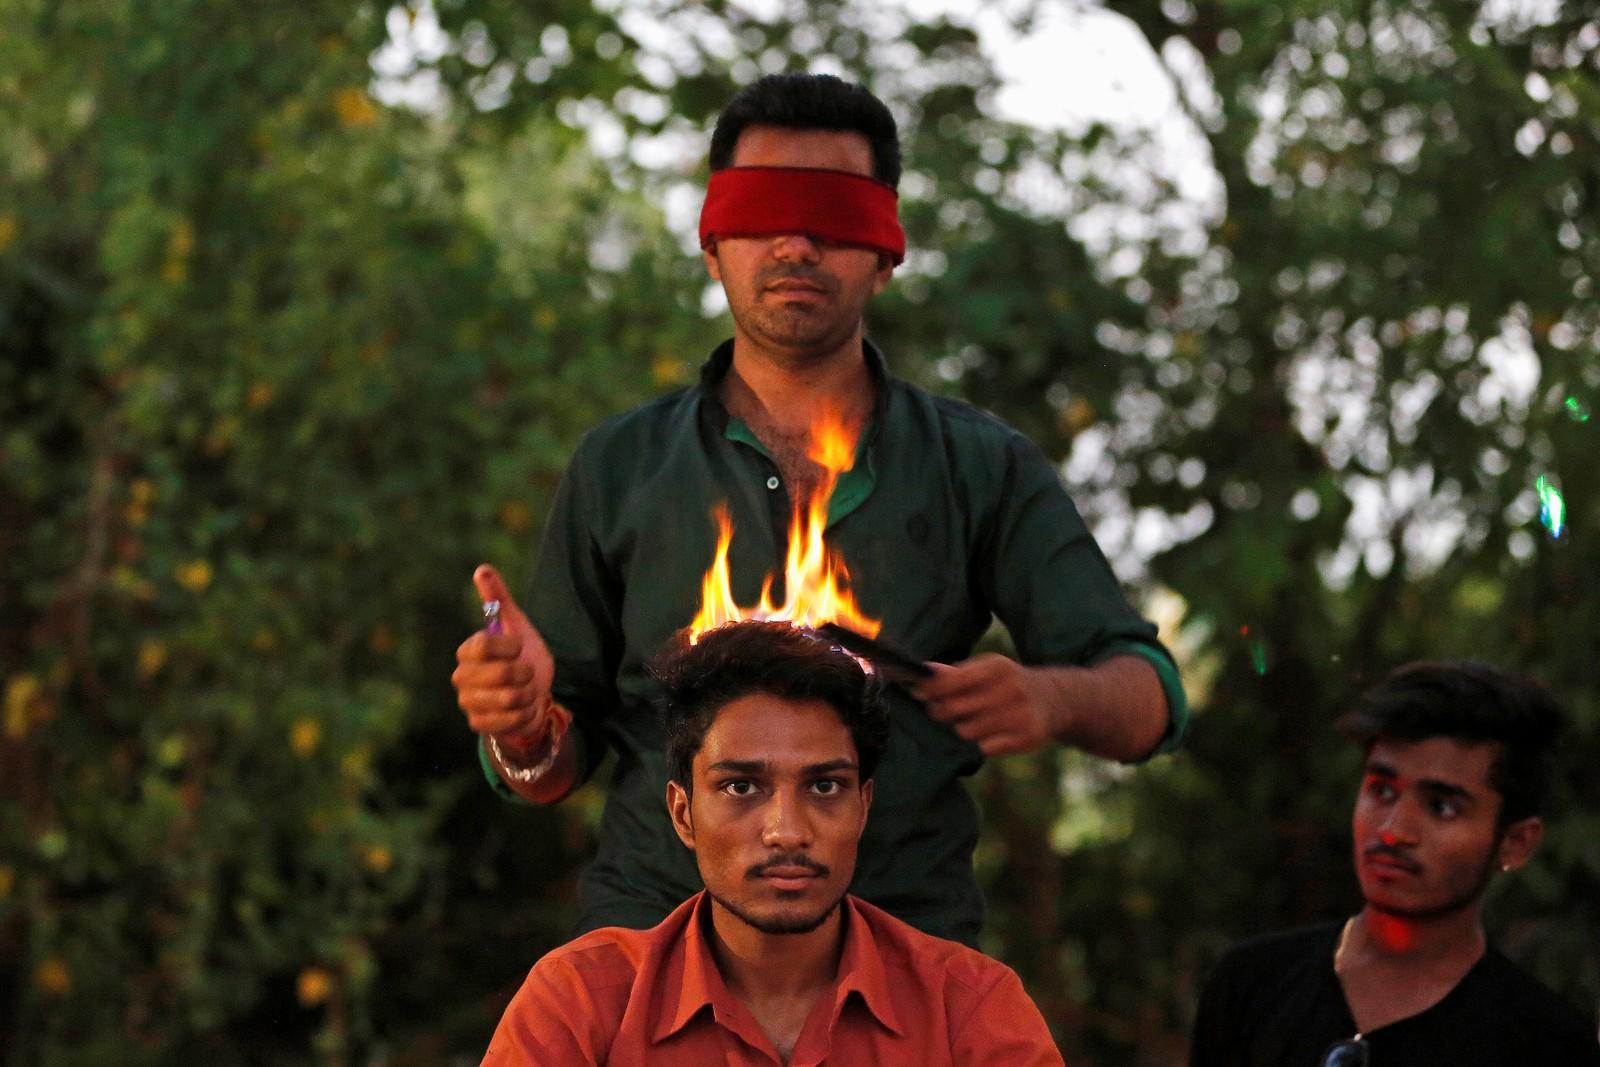 """En frisør med bind for øynene og åpen ild er nok en lite fristende kombinasjon for de fleste. Den indiske """"hårkunstneren"""" Vishnu Limbachiya tilbyr imidlertid akkurat det i en park i Ahmedabad."""